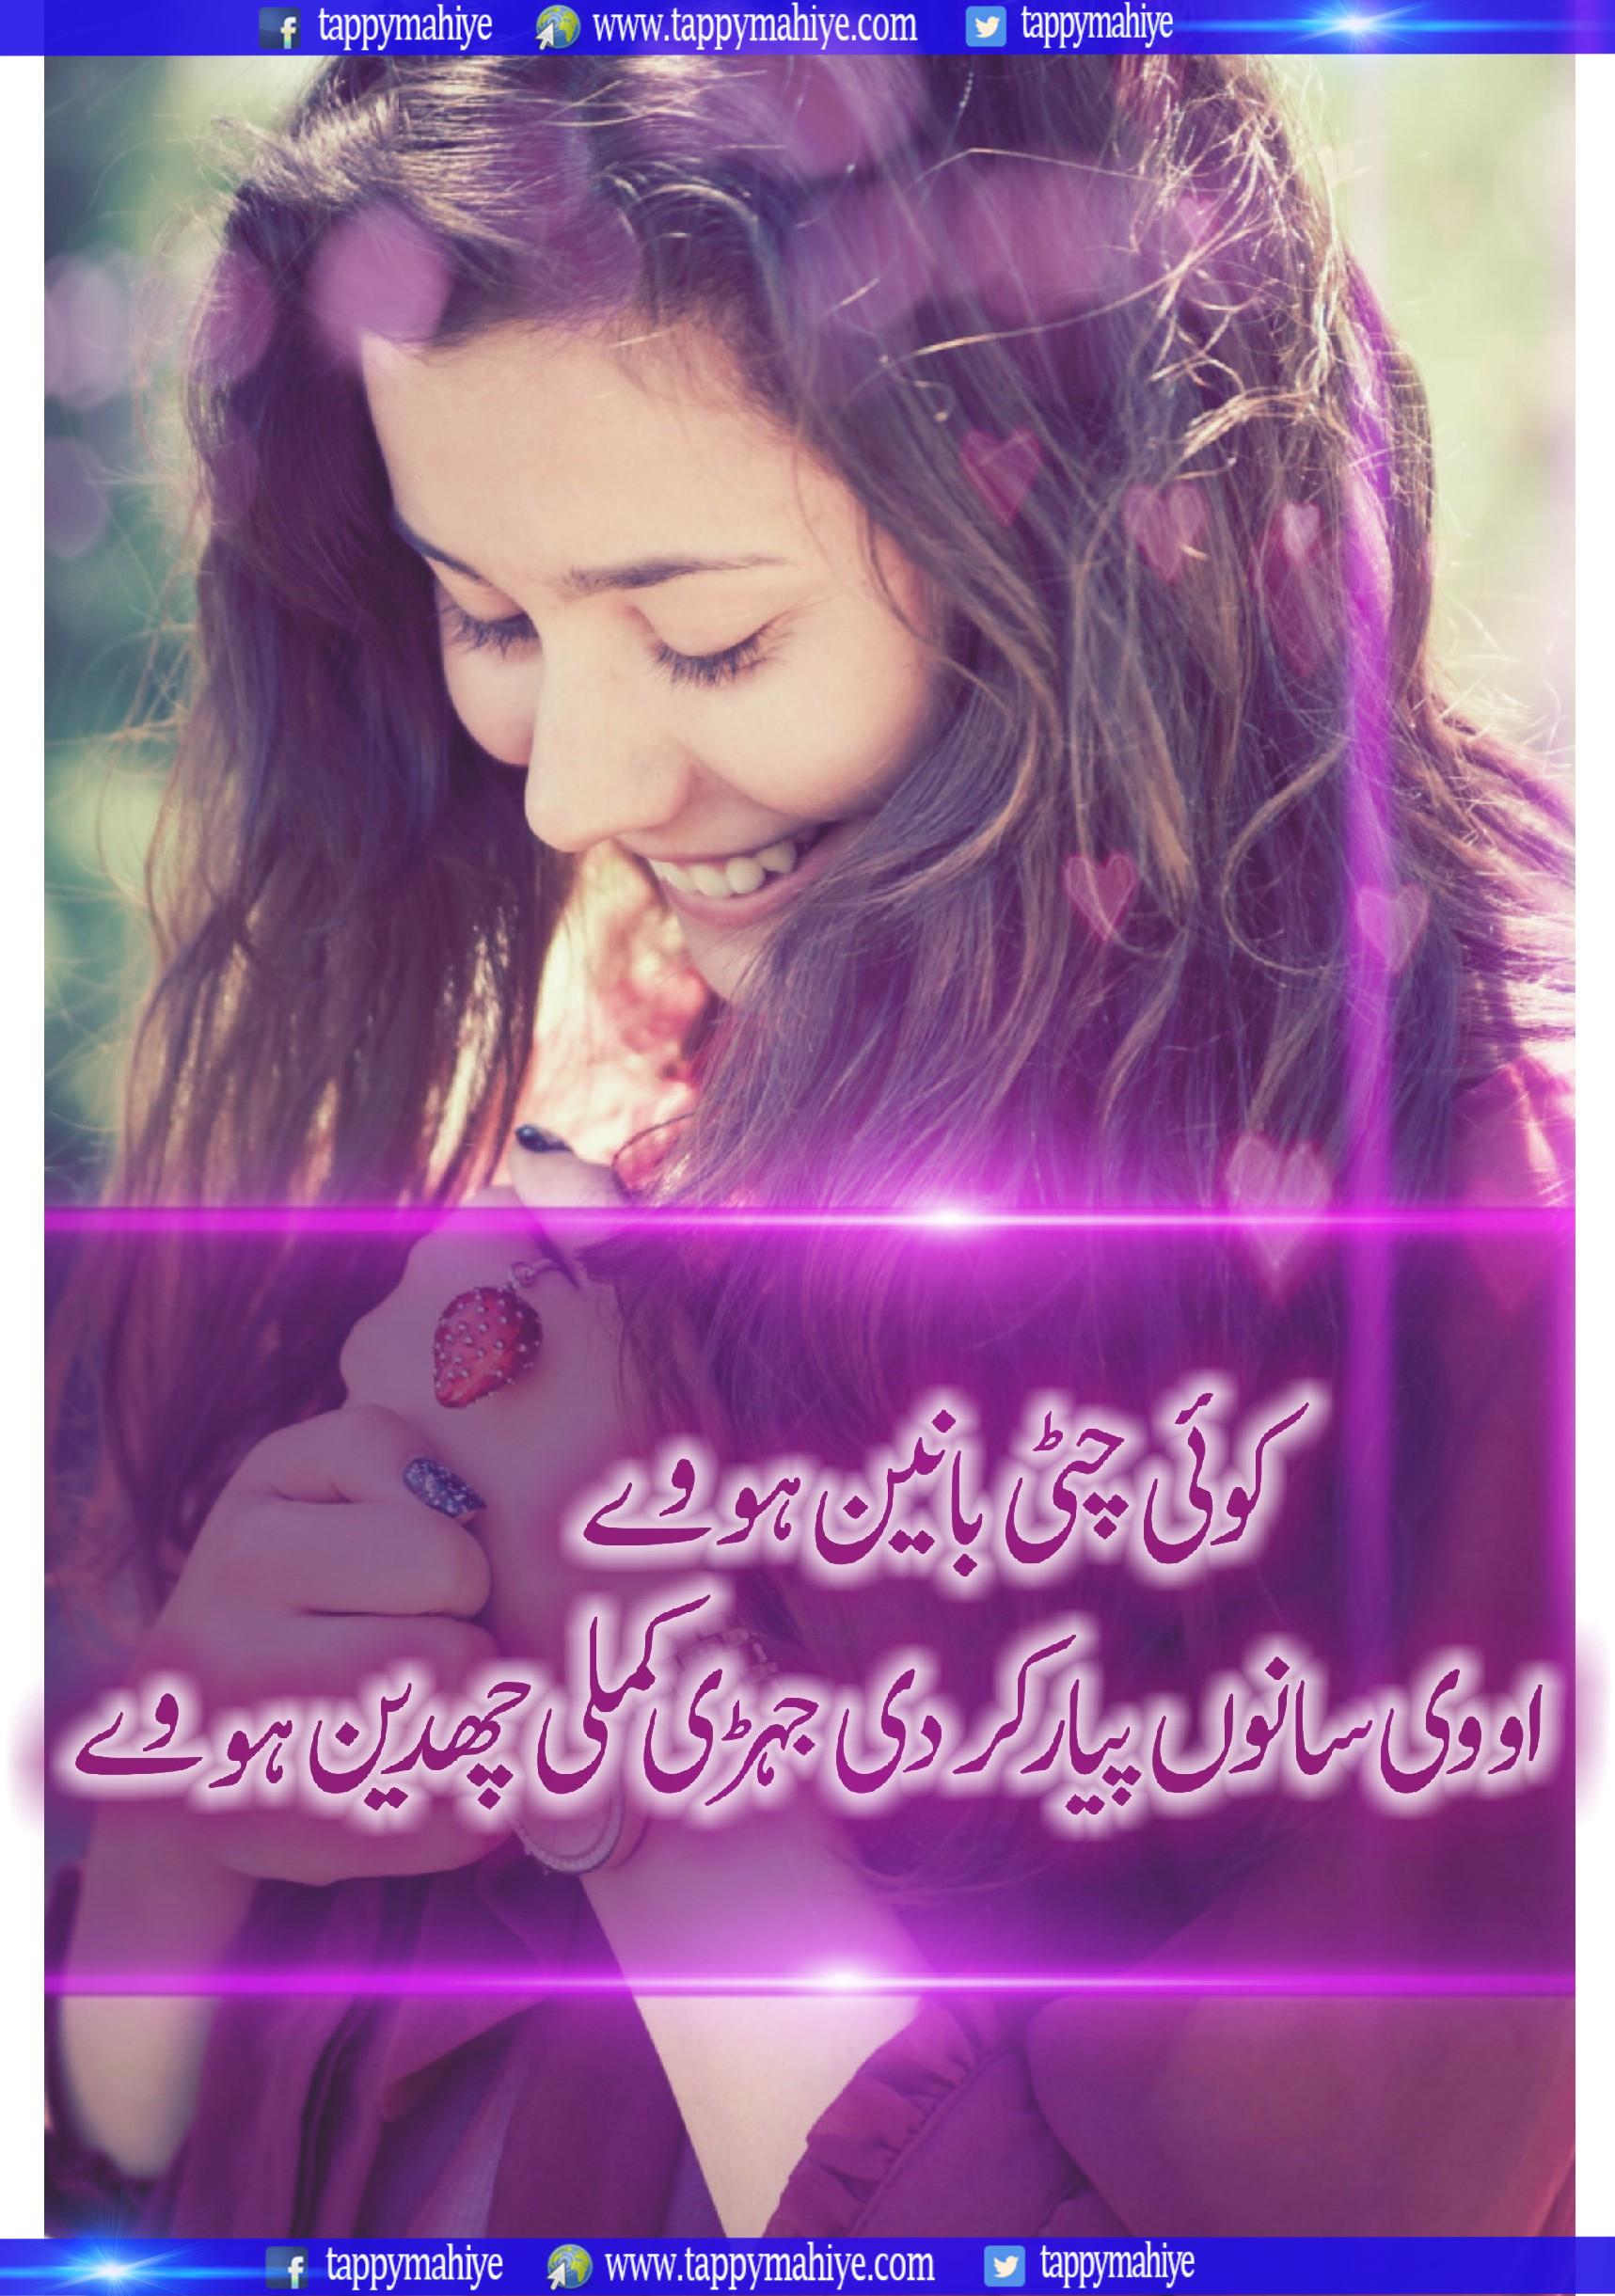 Punjabi Tappe Written In Urdu : punjabi, tappe, written, Kamli, Punjabi, Tappy, Mahiye, Poetry, Medical, School, Motivation,